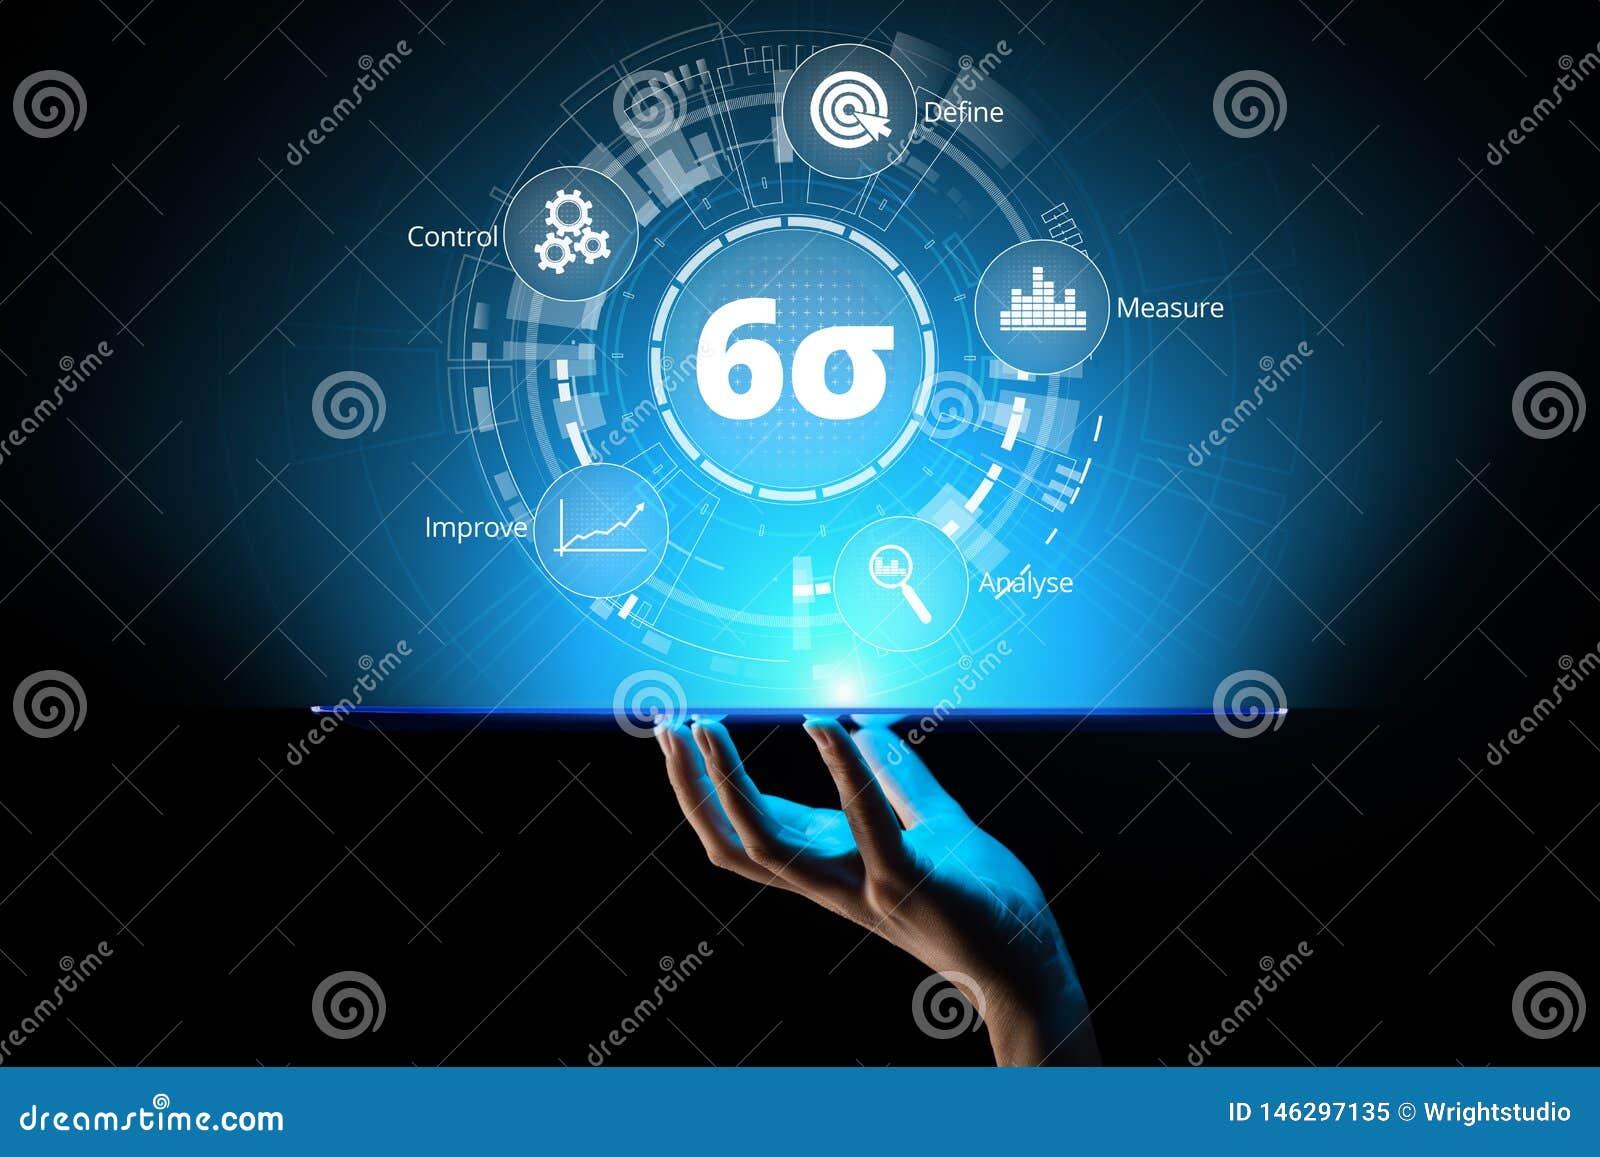 Seis conceitos industriais do neg?cio do controle da qualidade da tecnologia da inova??o do sigma DMAIC